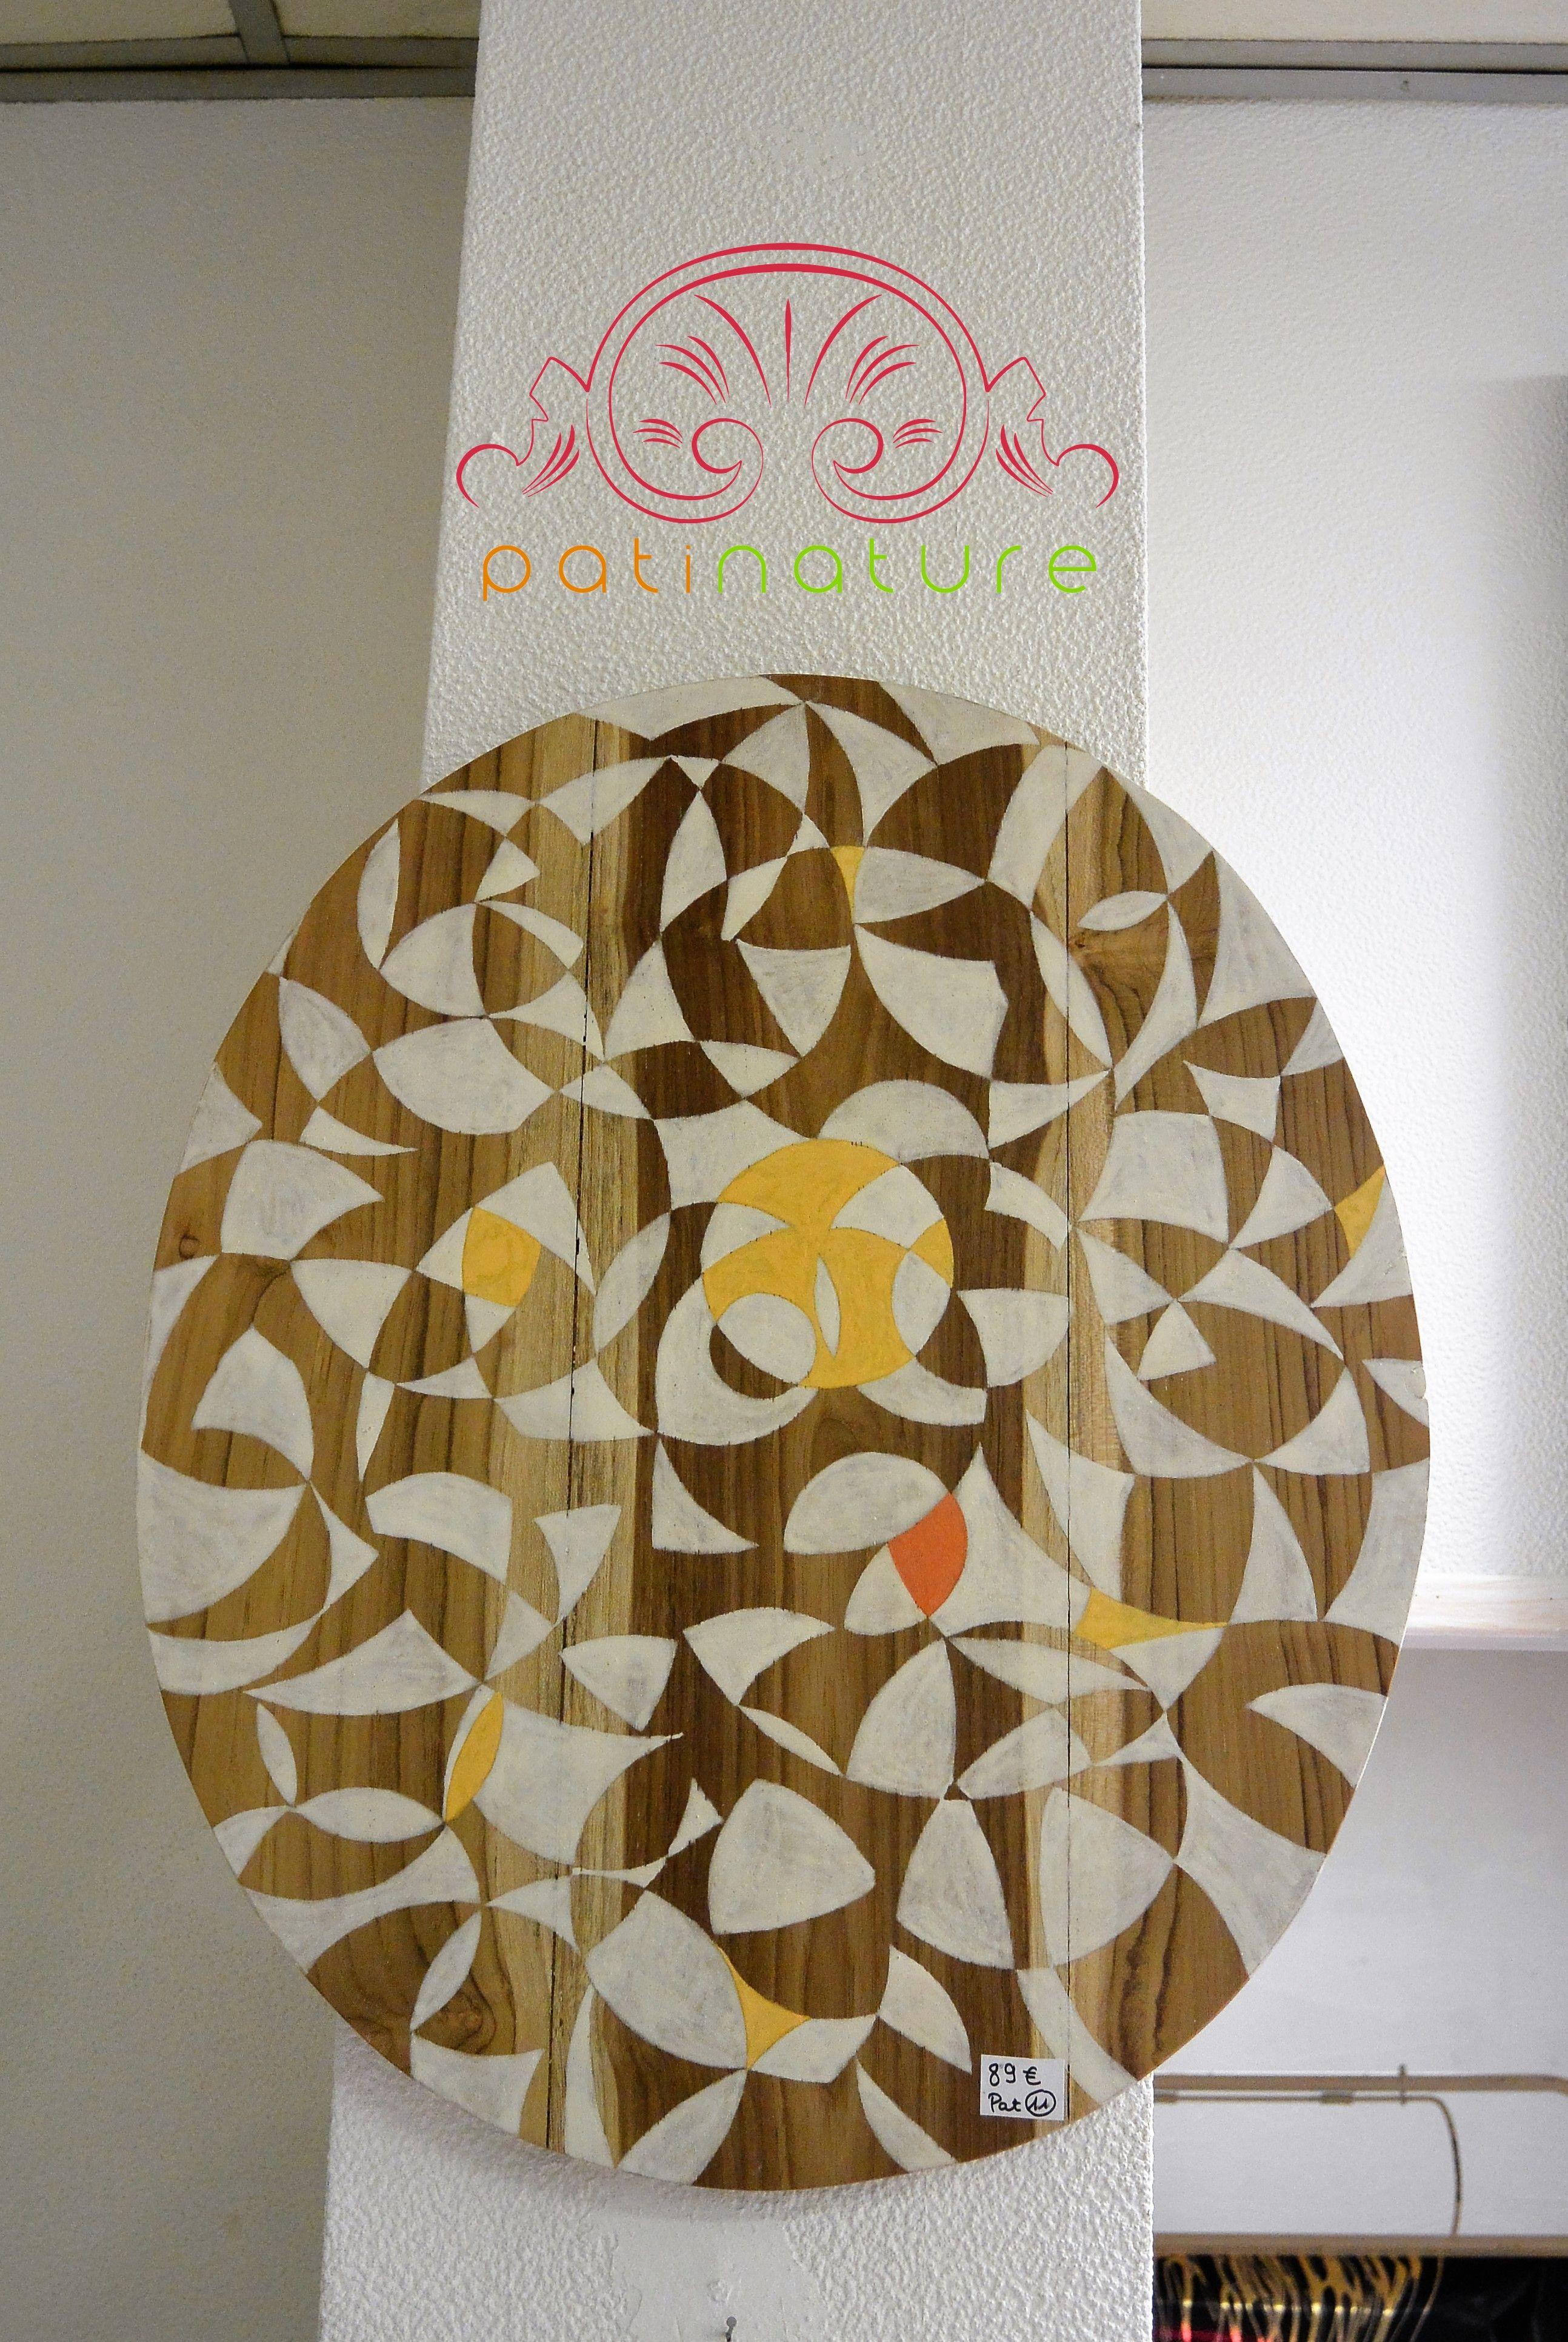 eclats de soleil peinture la cas ine sur d coupe de lavabo en teck meubles peints. Black Bedroom Furniture Sets. Home Design Ideas